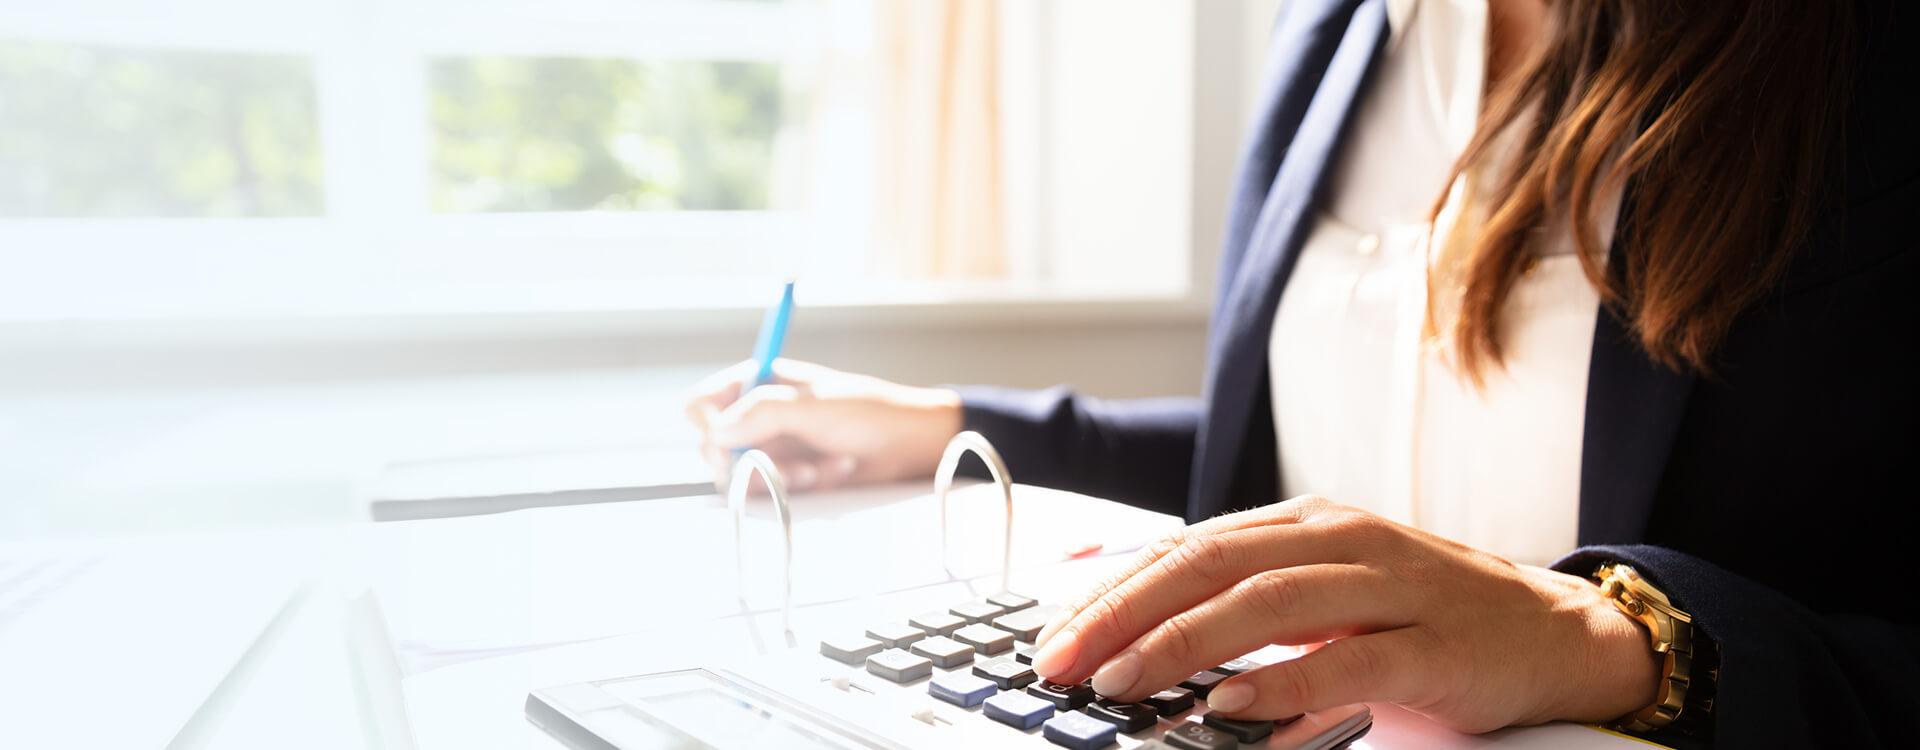 comptabilite-fiduciaire-finacces-charleroi